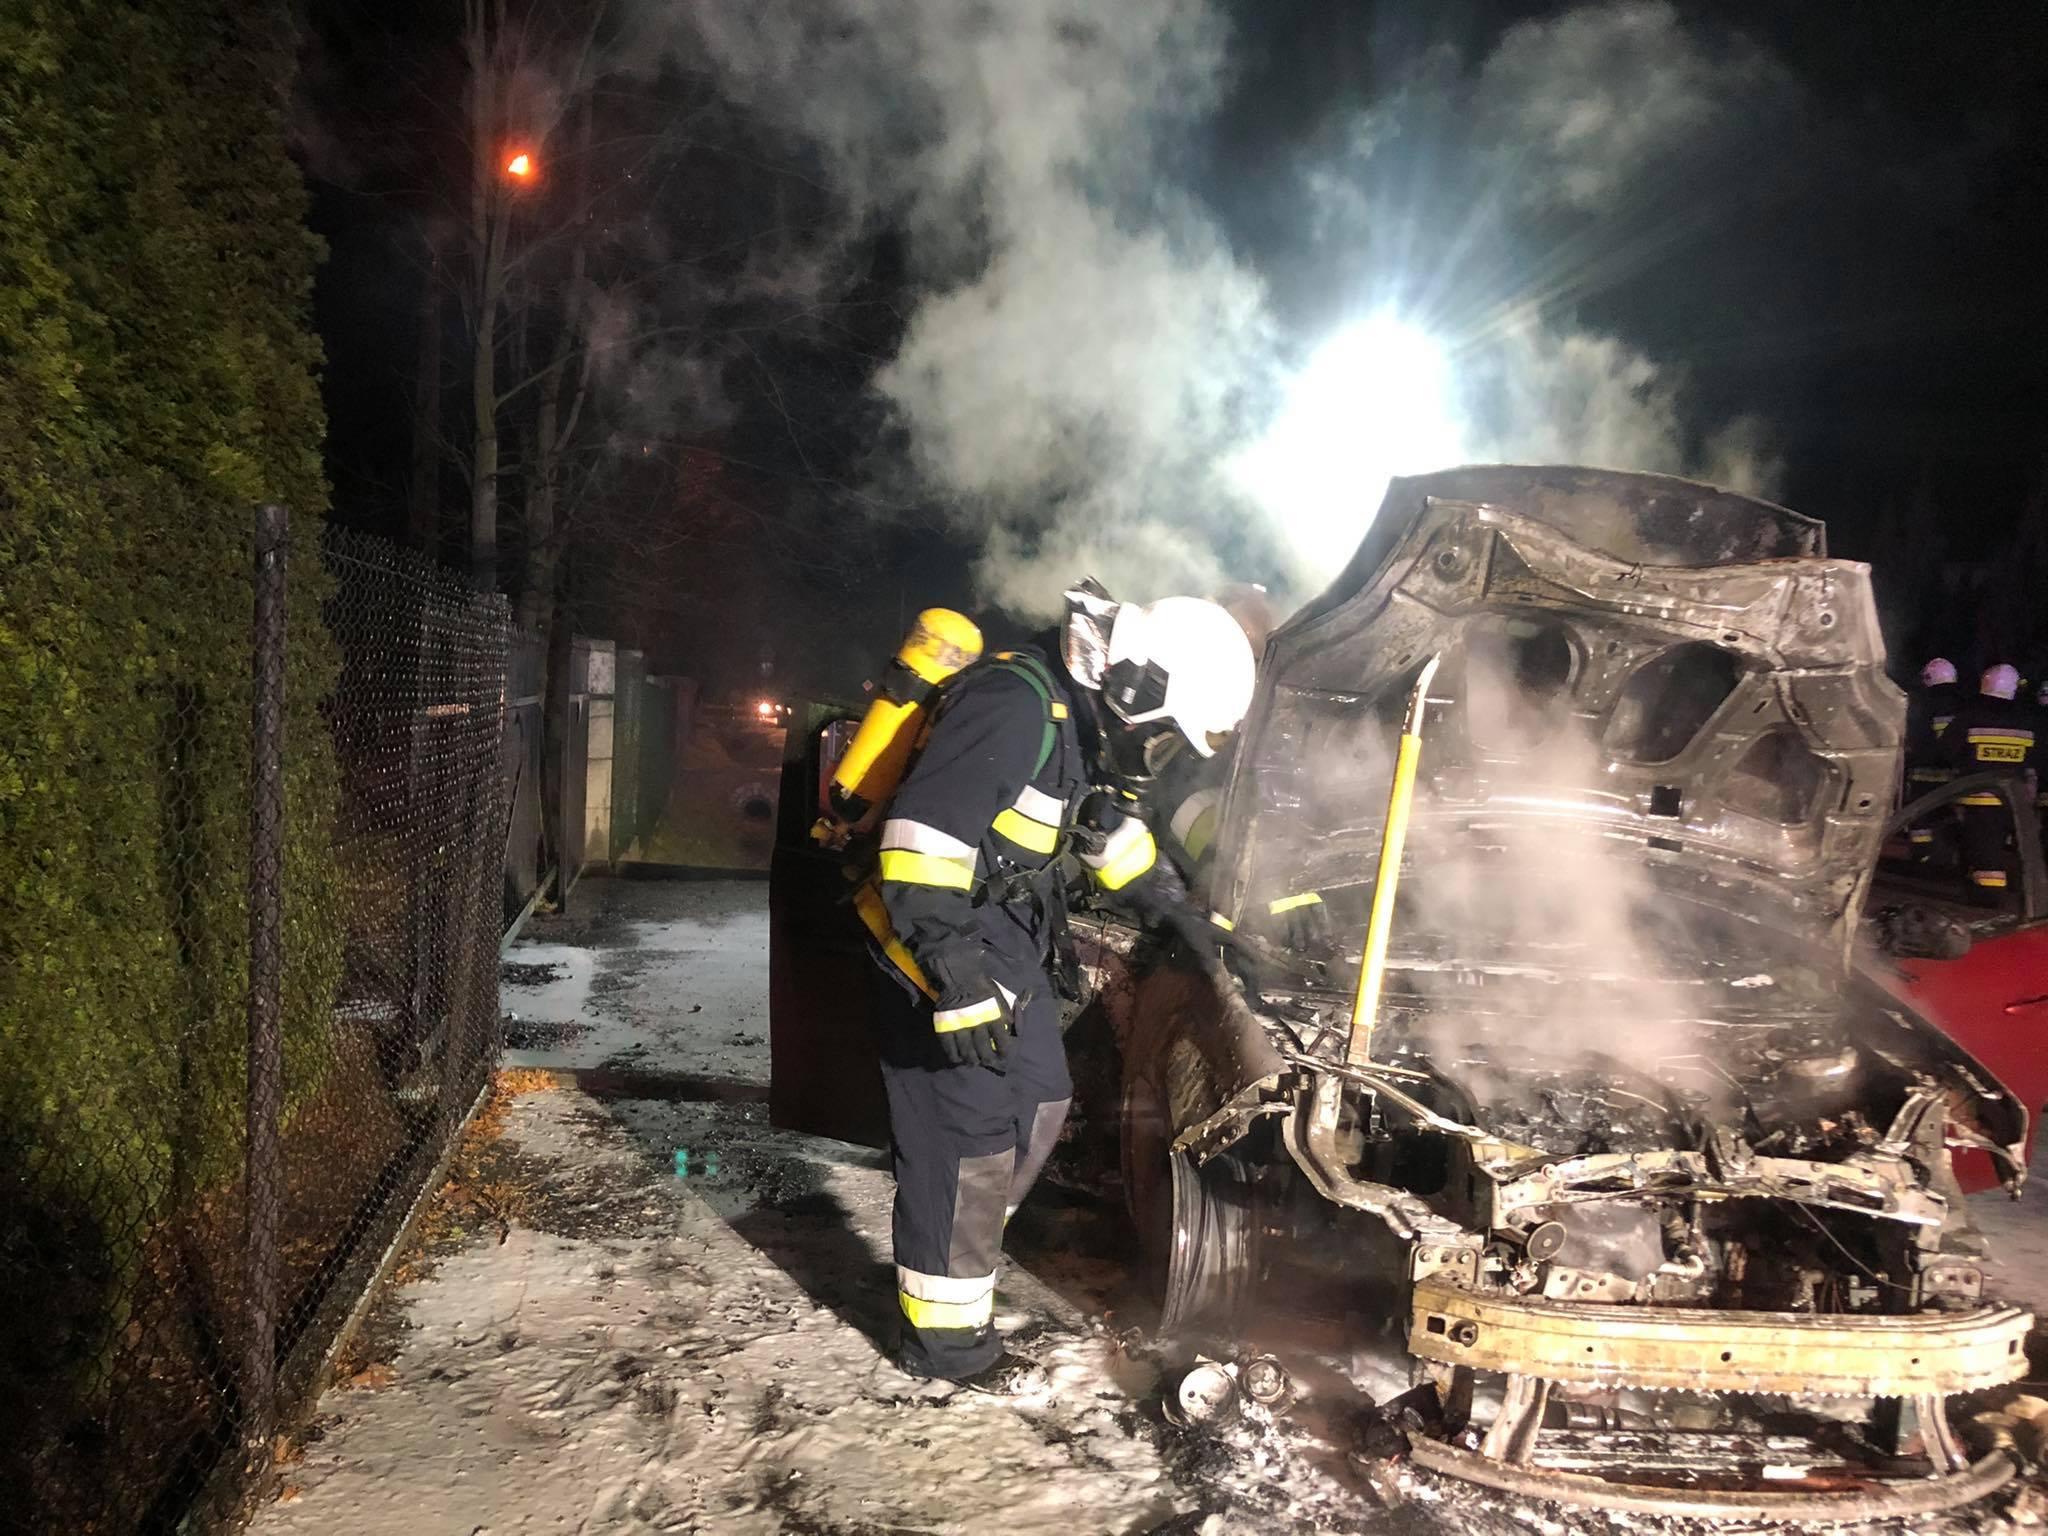 Samochód stanął w płomieniach. Strażacy walczyli z pożarem - Zdjęcie główne